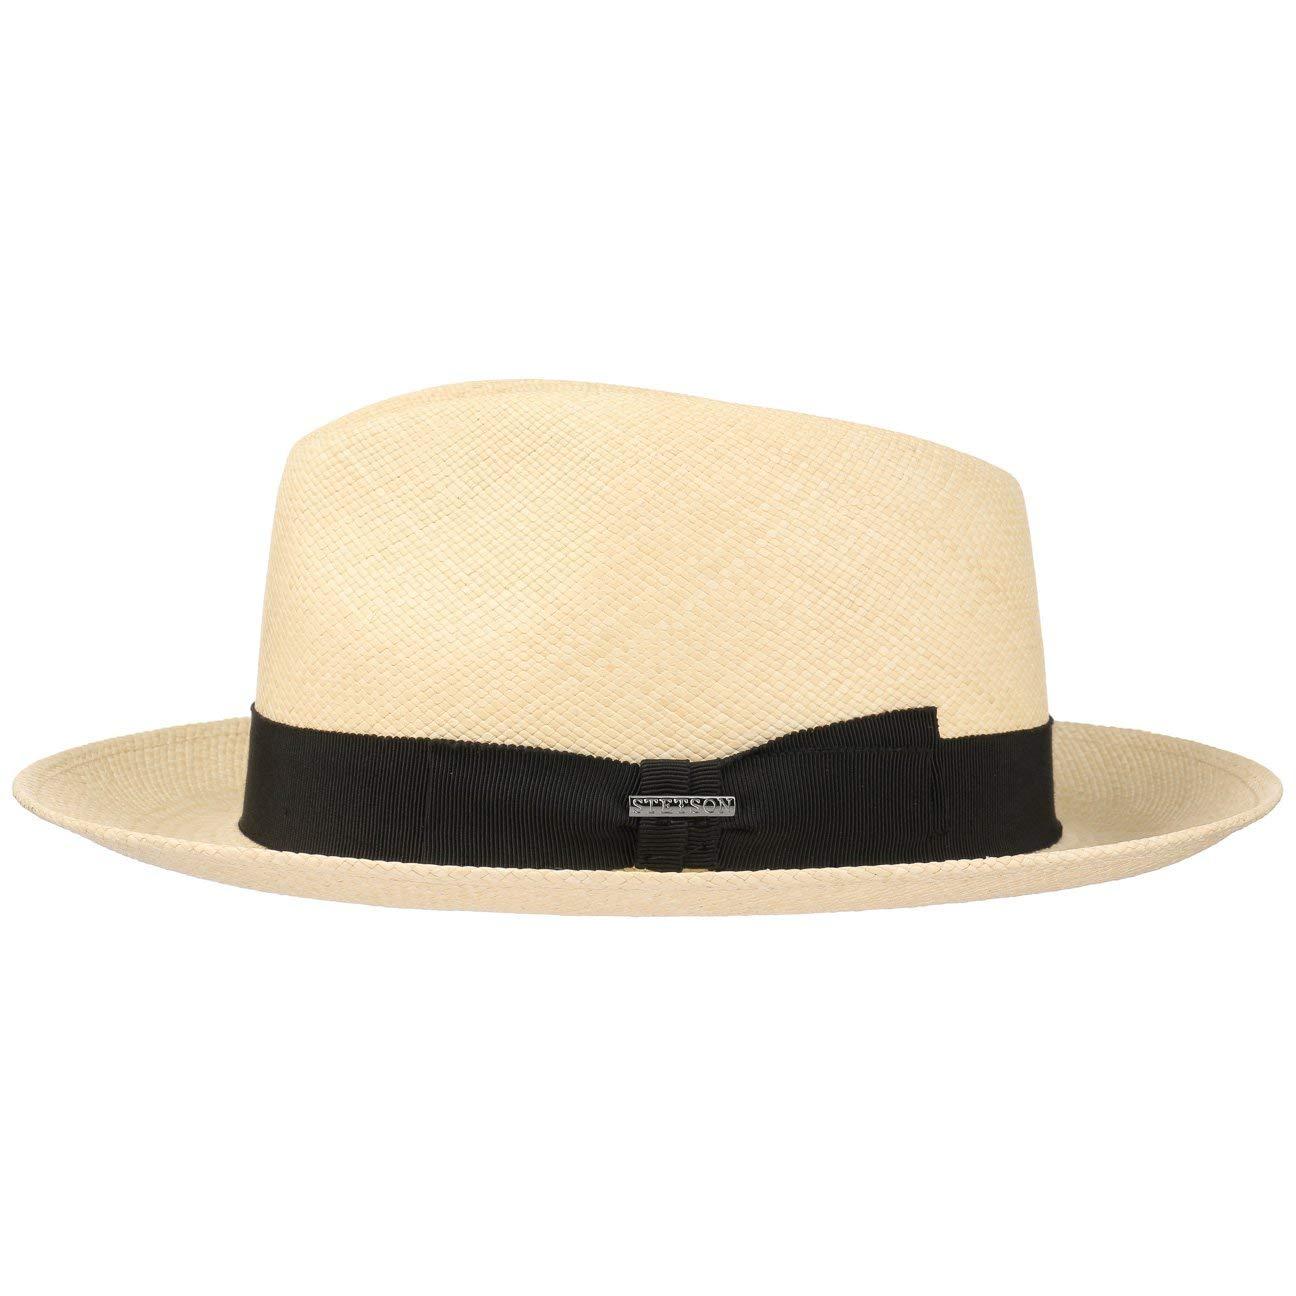 Stetson Cappello Panama Solano Fedora Estivo da Sole Cappelli Spiaggia